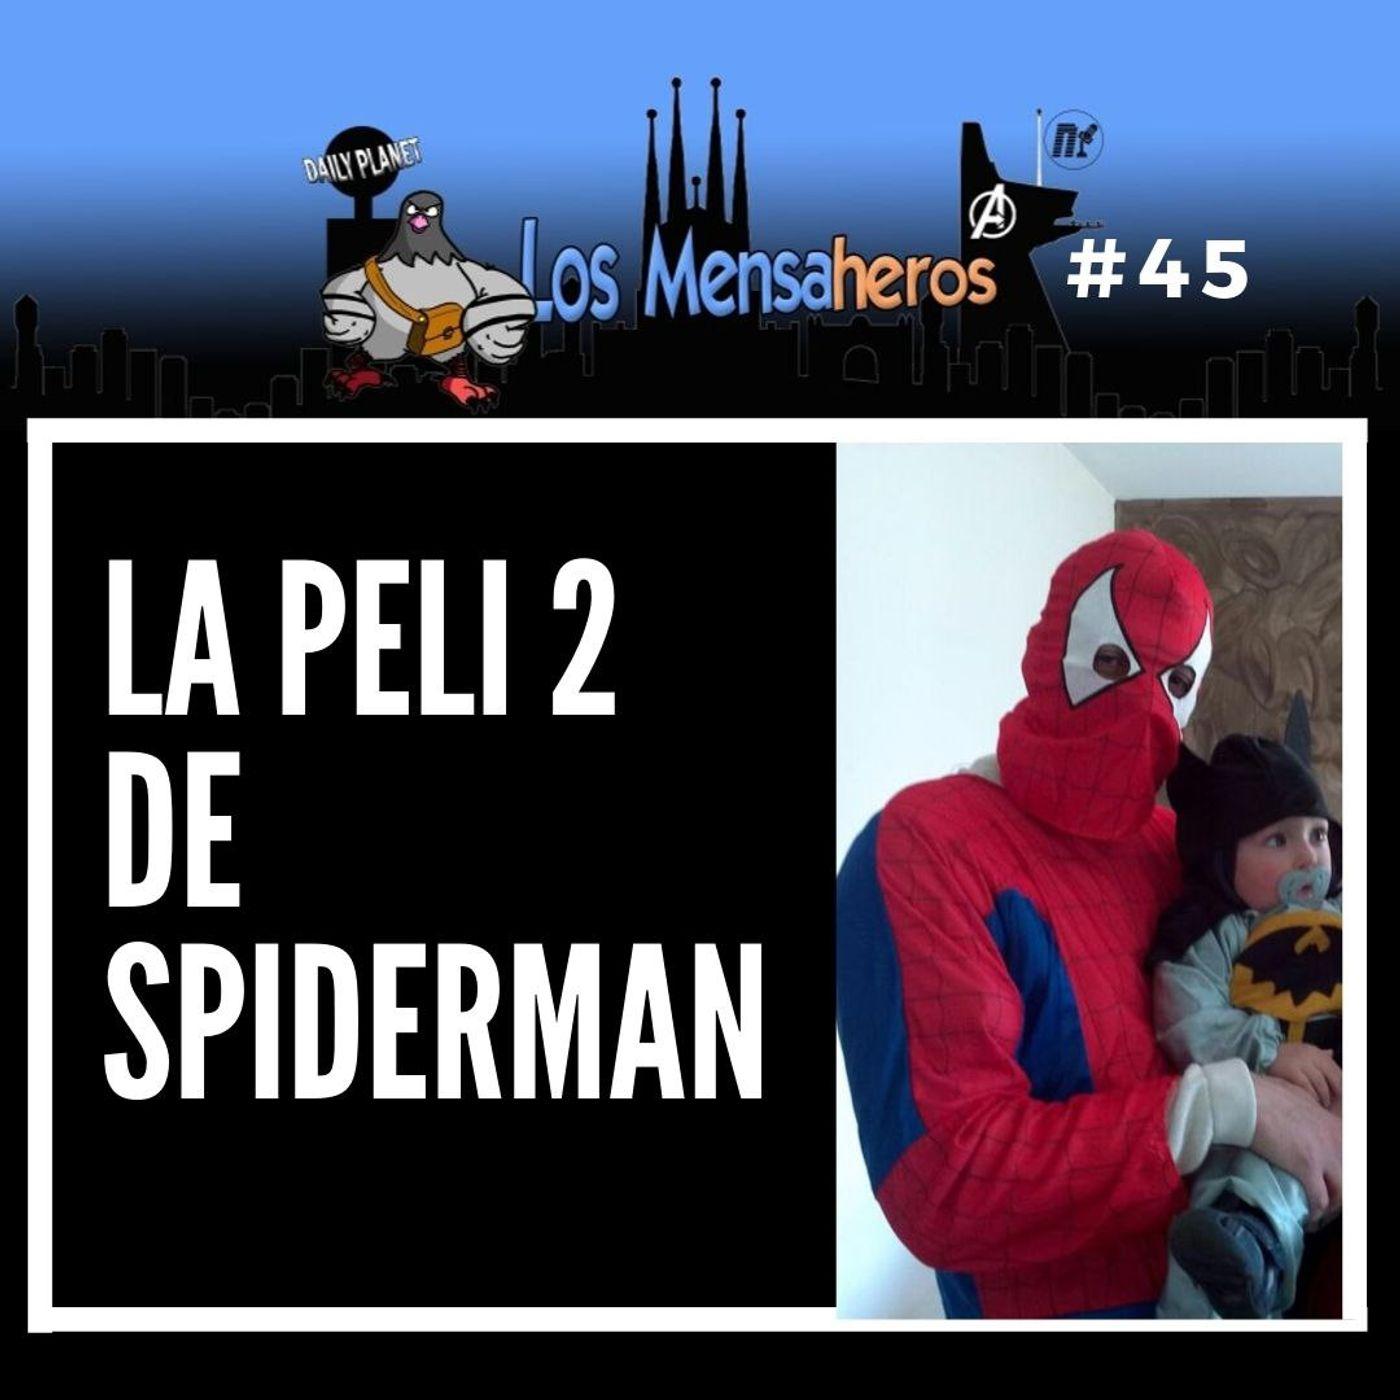 045 Spiderman 2 lejos de casa. La peli 2 de espiderman @losmensaheros